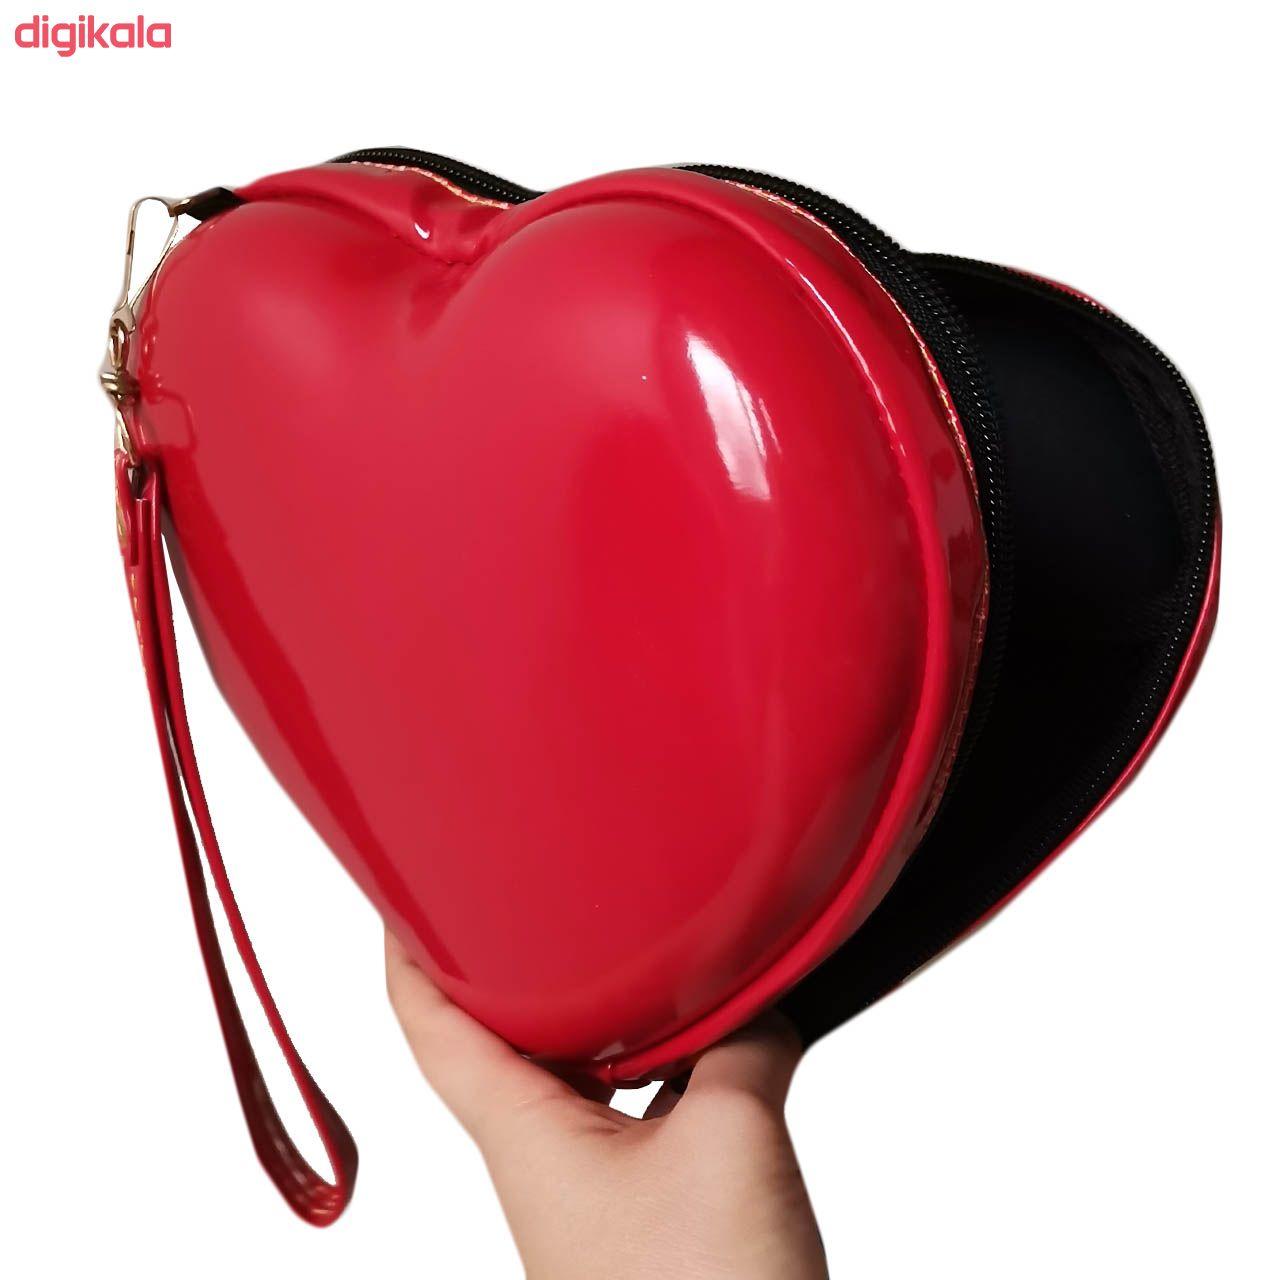 کیف لباس زیر زنانه مدل Heart main 1 1